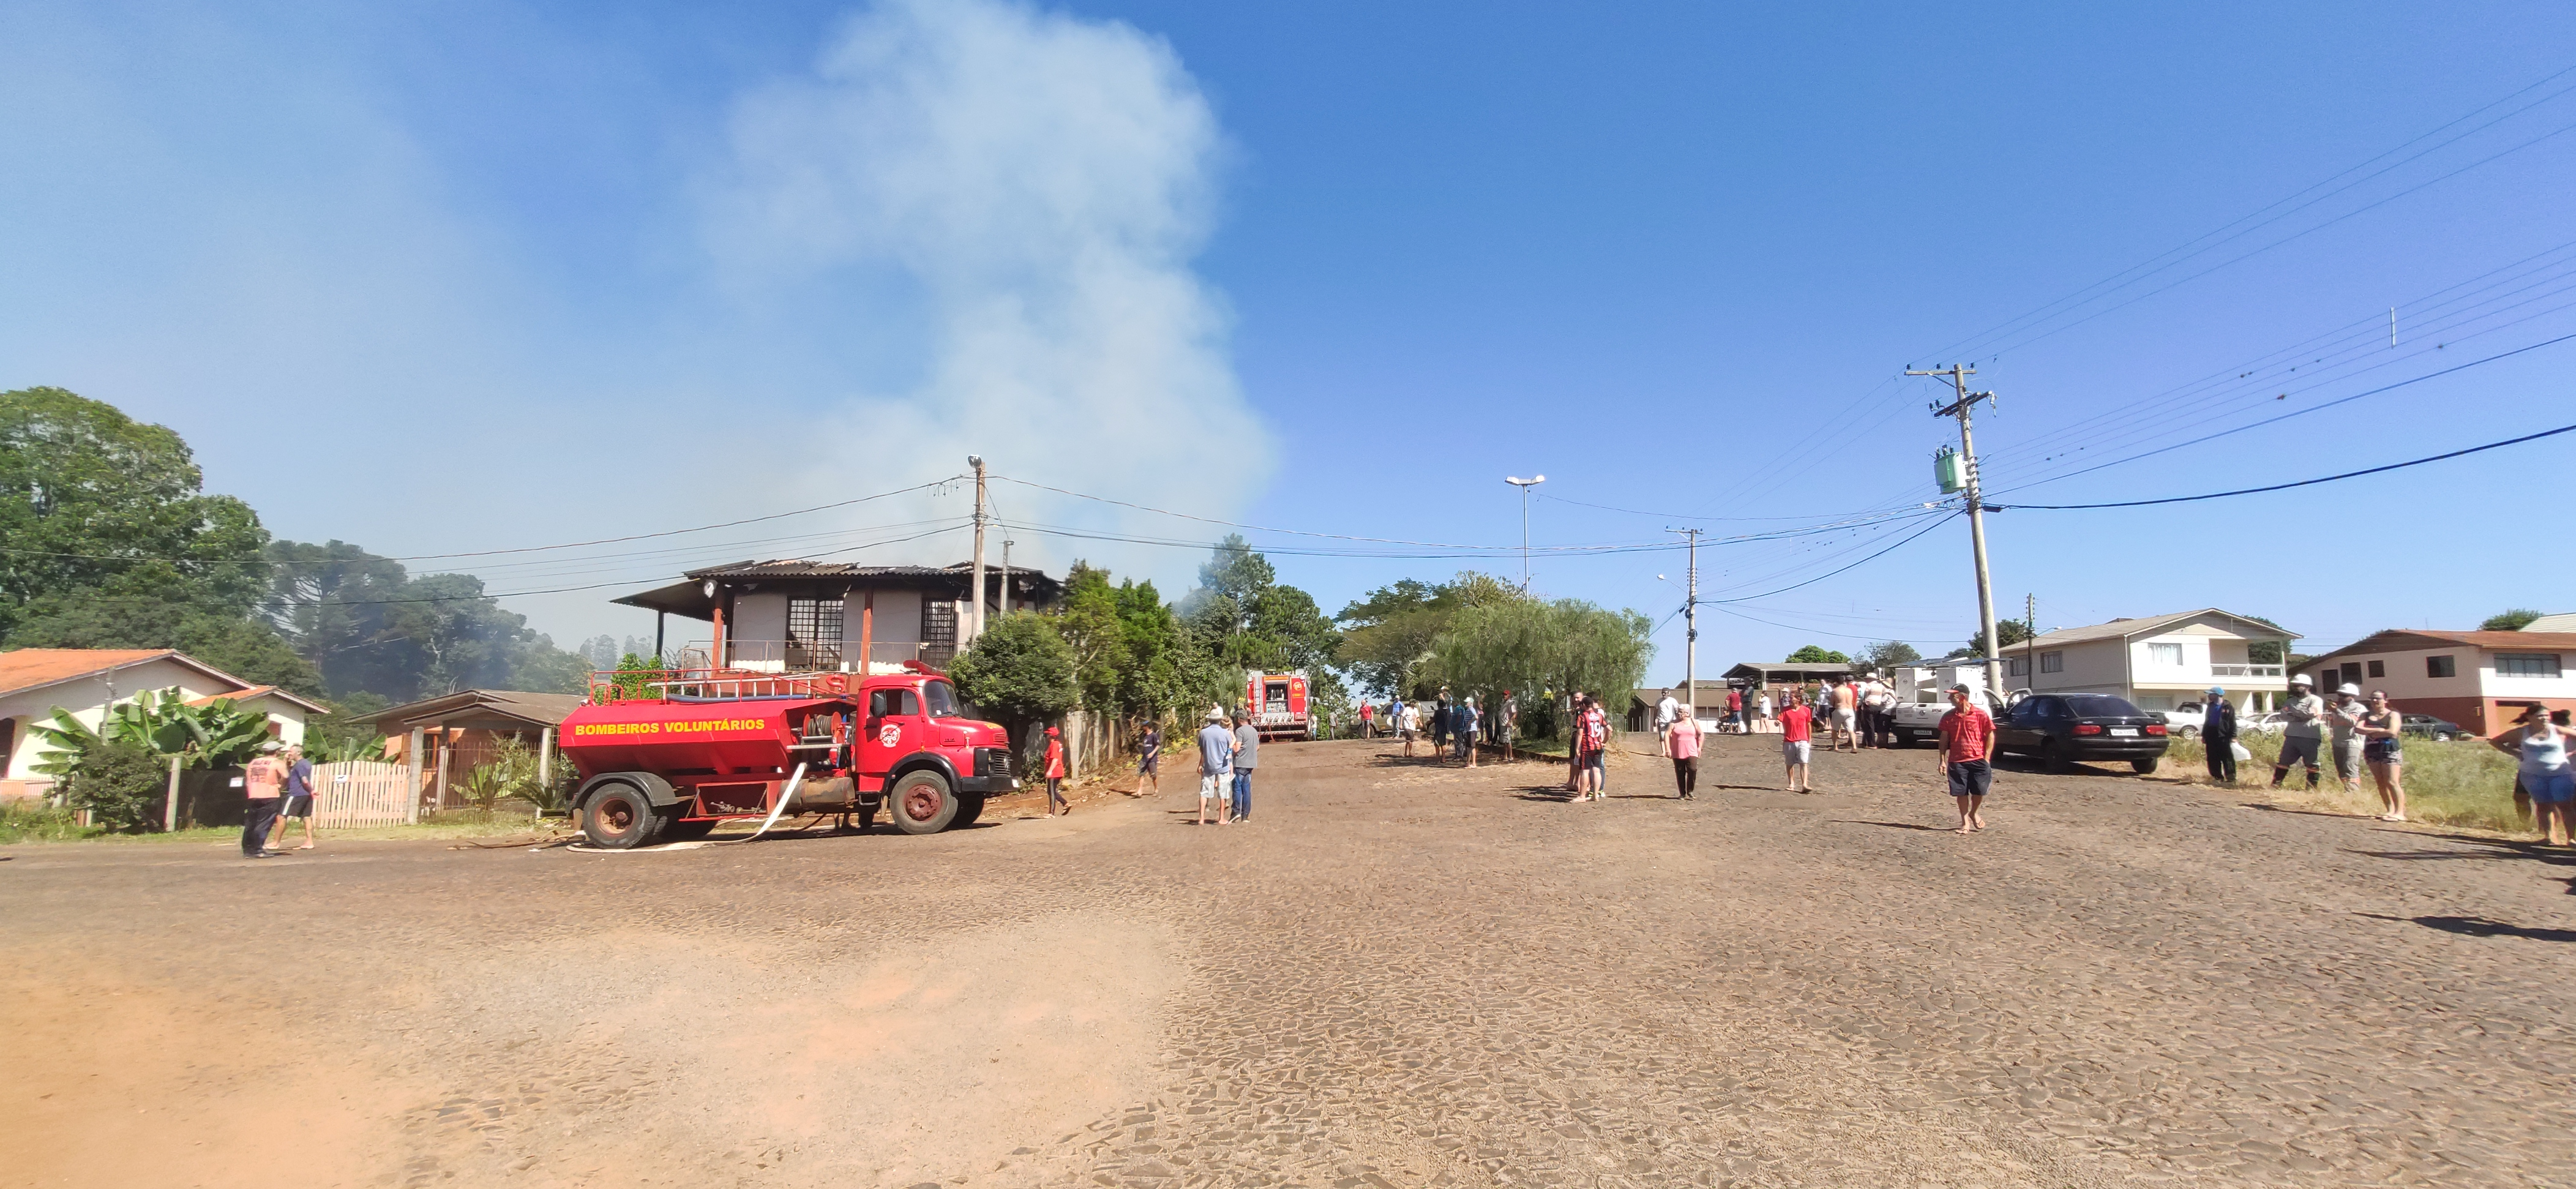 Ir para  <p>Na manh&atilde; desta quinta-feira, por volta das&nbsp;09h30min, uma casa foi atingida por inc&ecirc;ndio na esquina da Avenida Brasil com a Rua Baldissera, no centro de Viadutos. As chamas tiveram in&iacute;cio no andar...